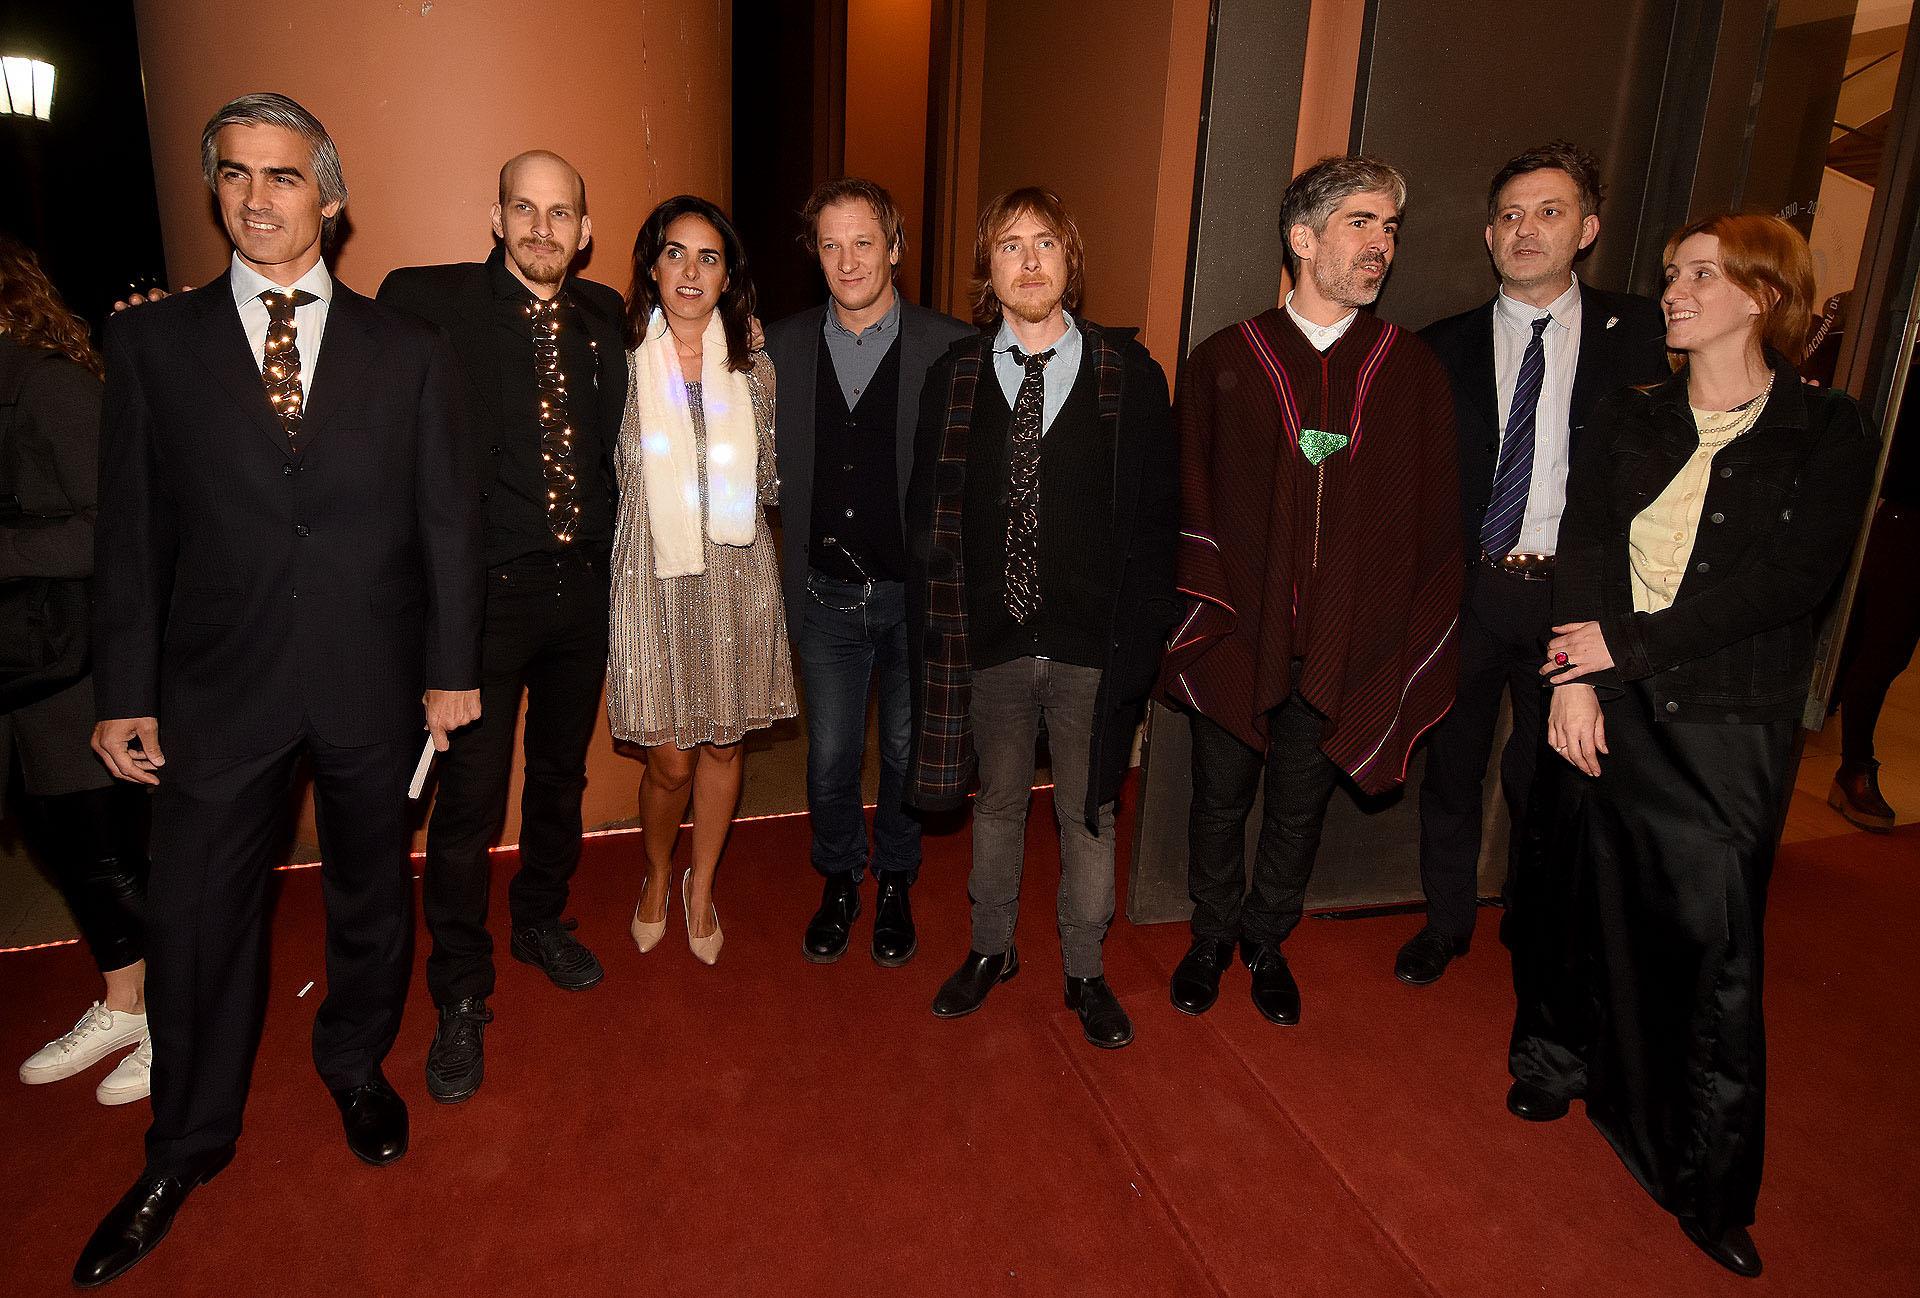 Un grupo de artistas plásticos en la gala del Museo Nacional de Bellas Artes